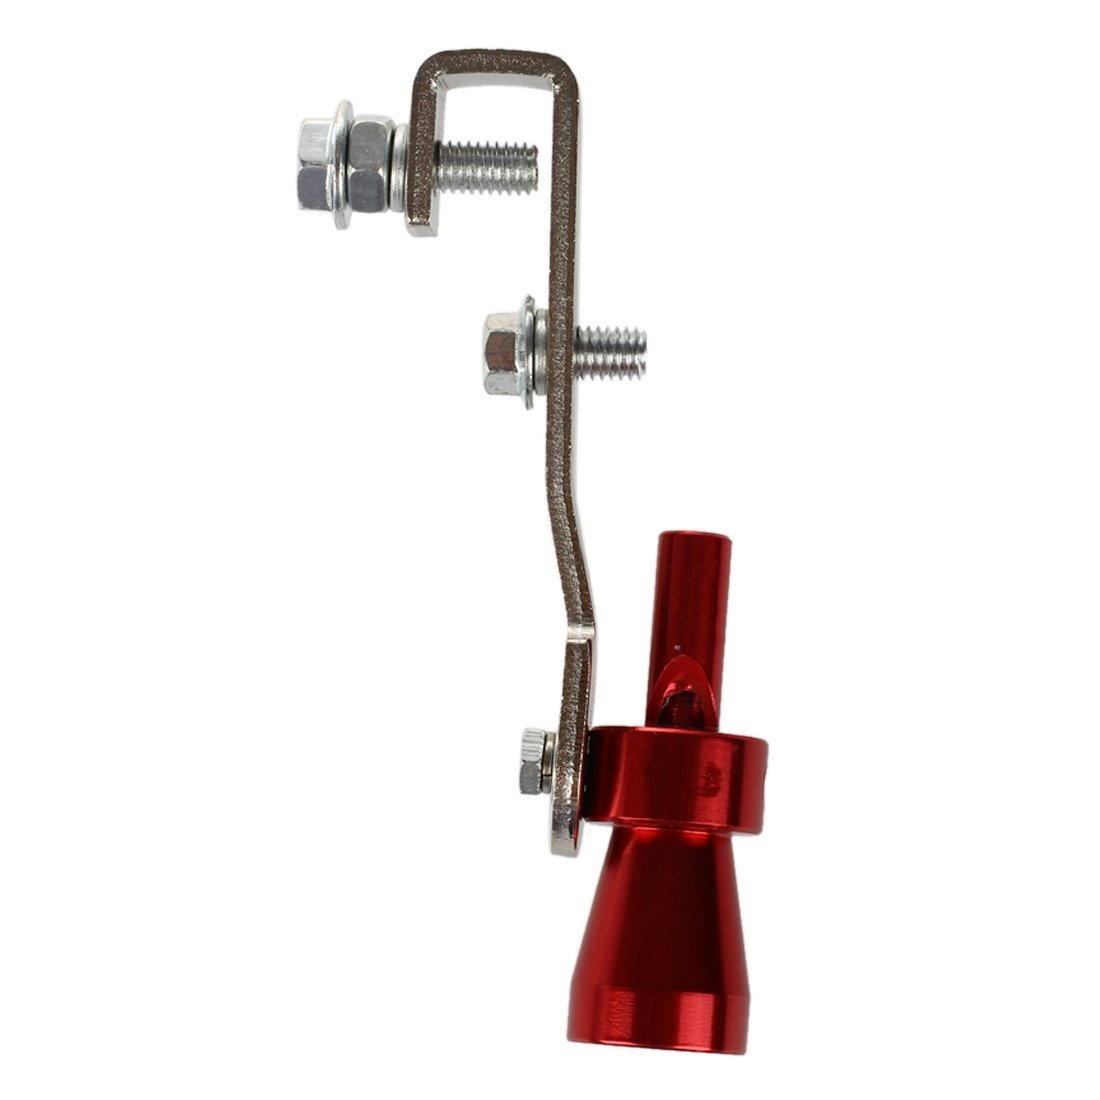 Sonido Turbo Silenciador - TOOGOO(R)10.2 X 2.5cm Turbo sonido del silenciador del extractor pipa del silbido valvula de escape BOV Simulador Silbido por 2000CC-2400cc (M, Rojo) SHOMAGT24330